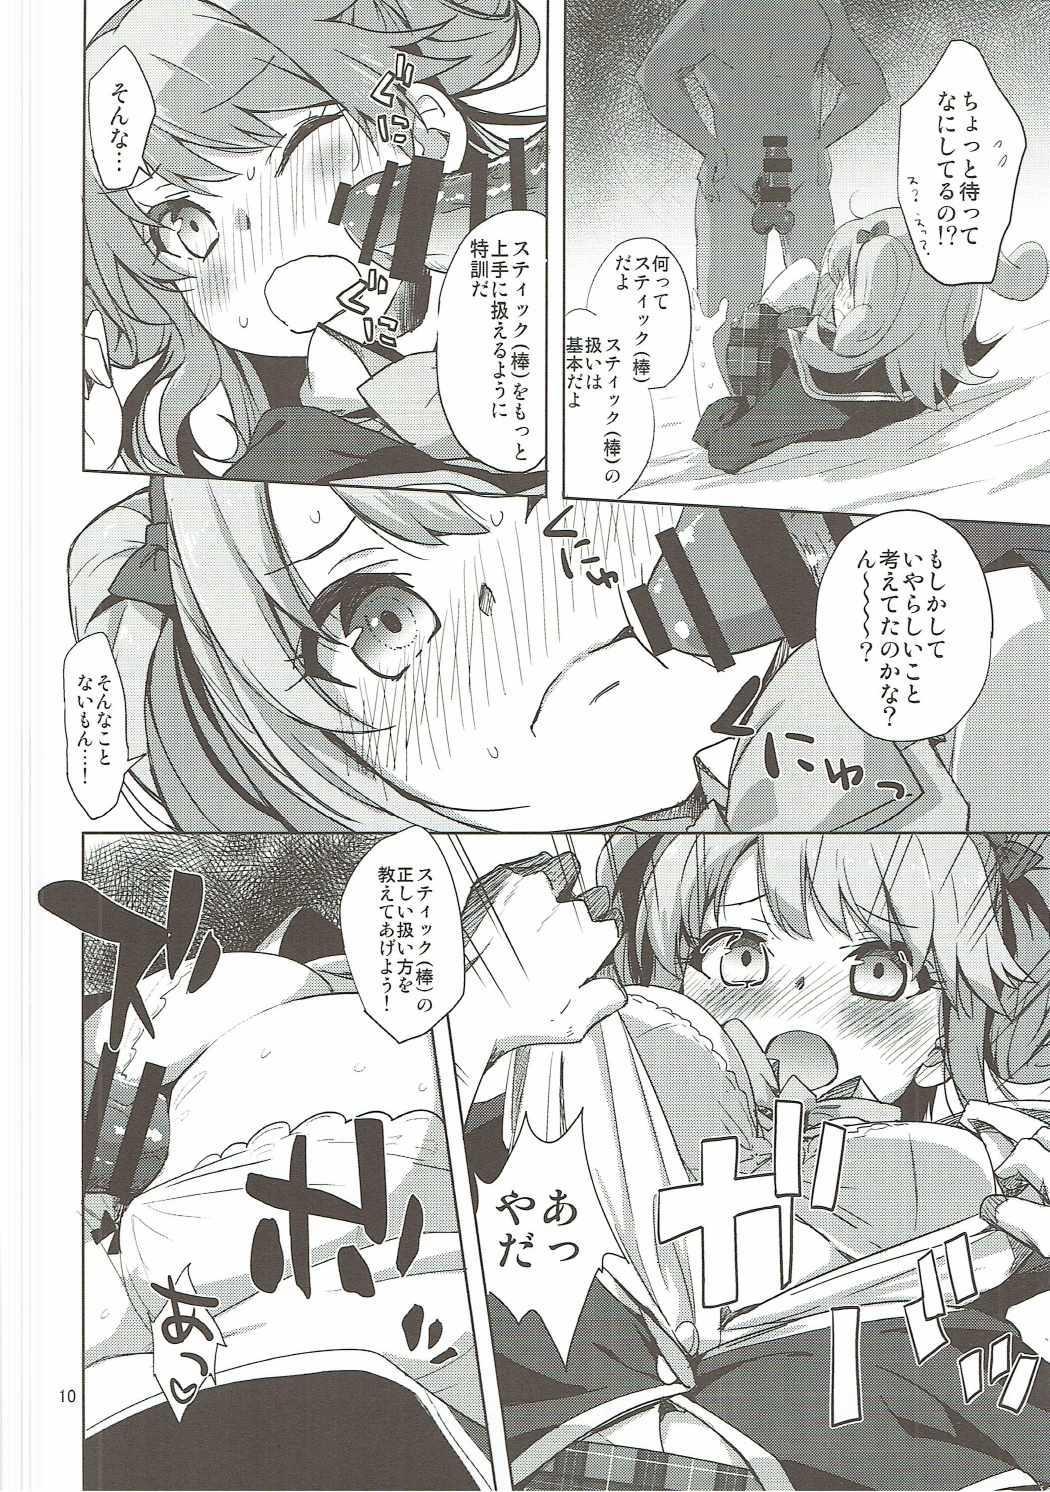 Machi de Mikaketa Kyonyuu Performer Sagara Emi-chan ga Chou Ero Kawaikatta node Damashite Love Hotel ni Tsurekonde Nakadashi Sex Shichau Hon 8